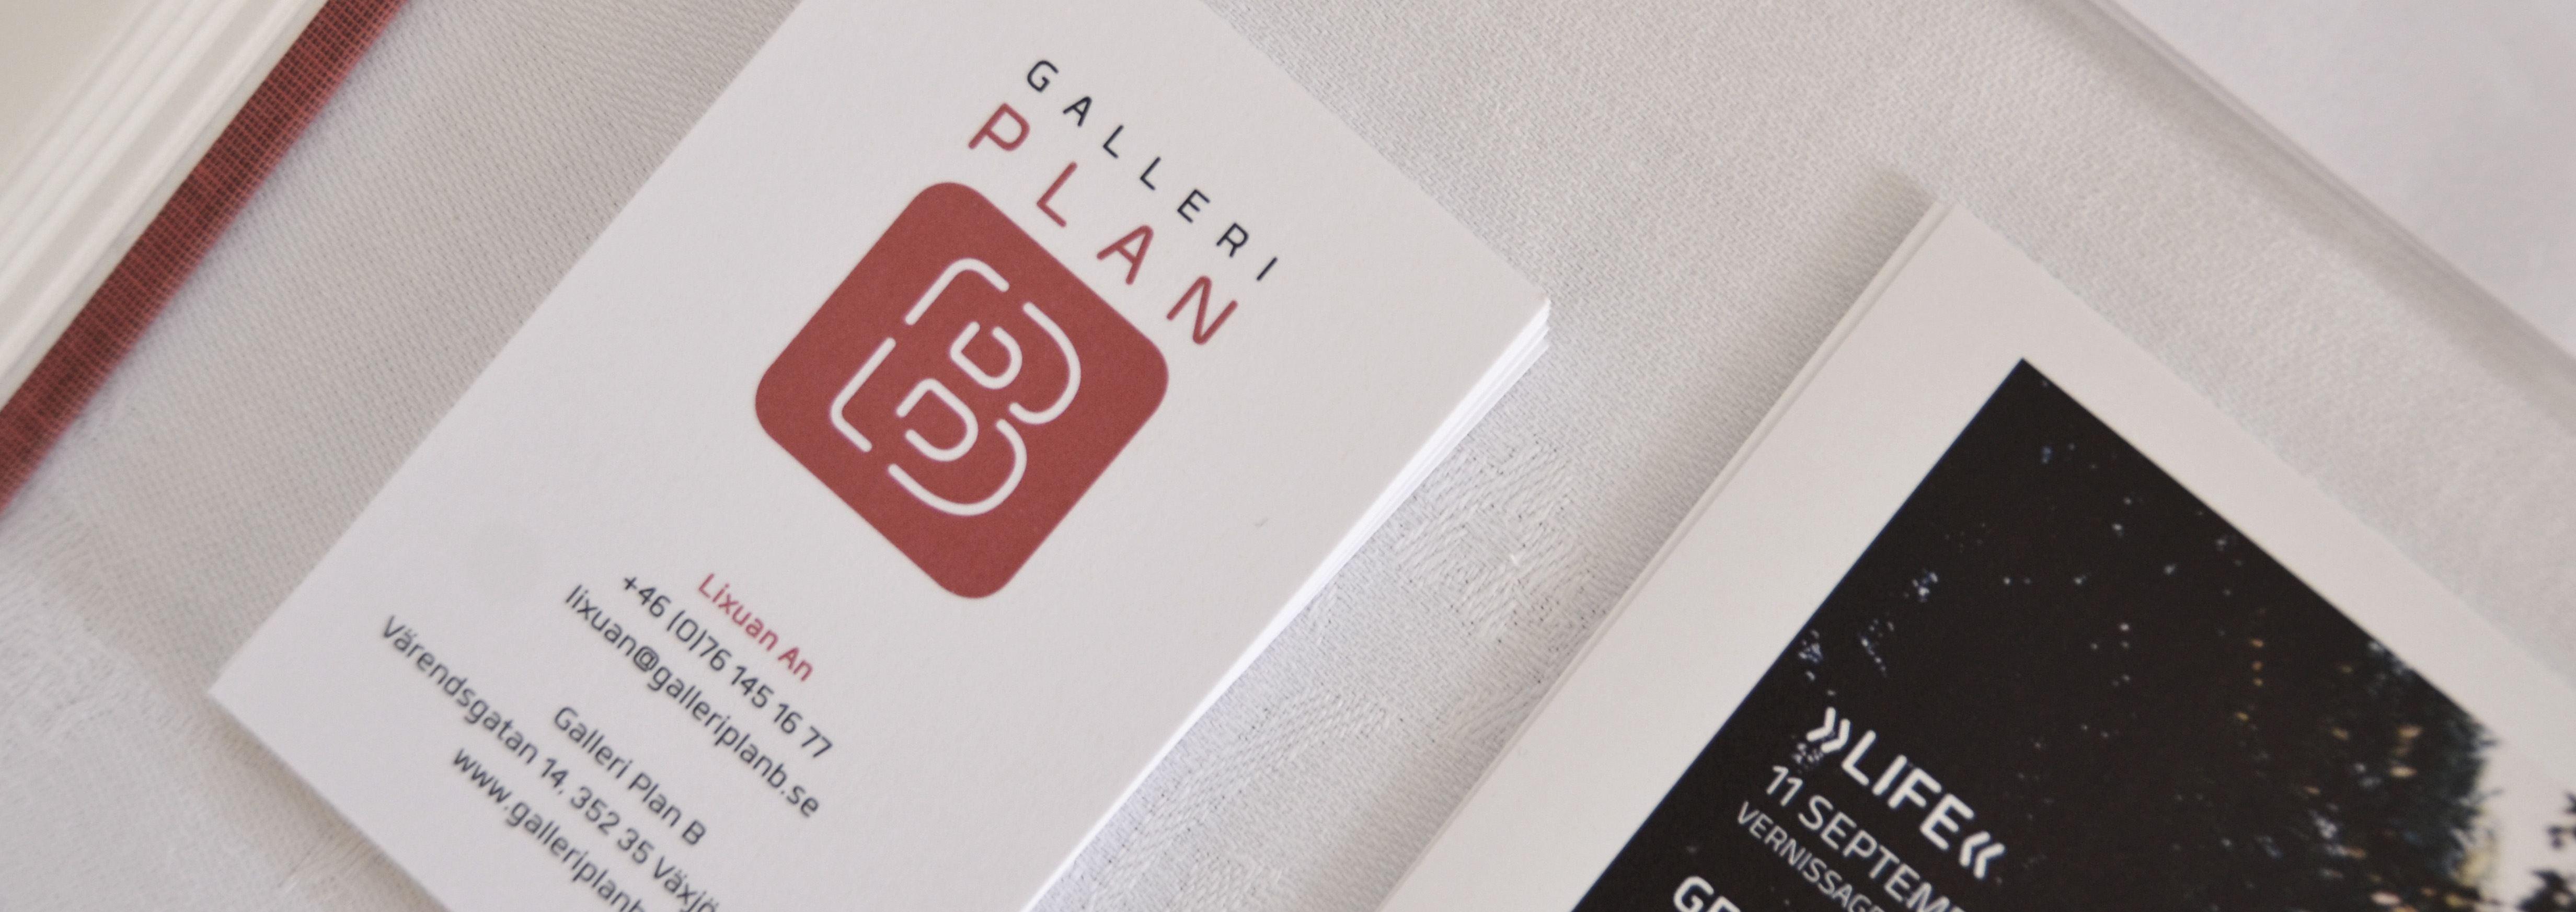 Galleri Plan B